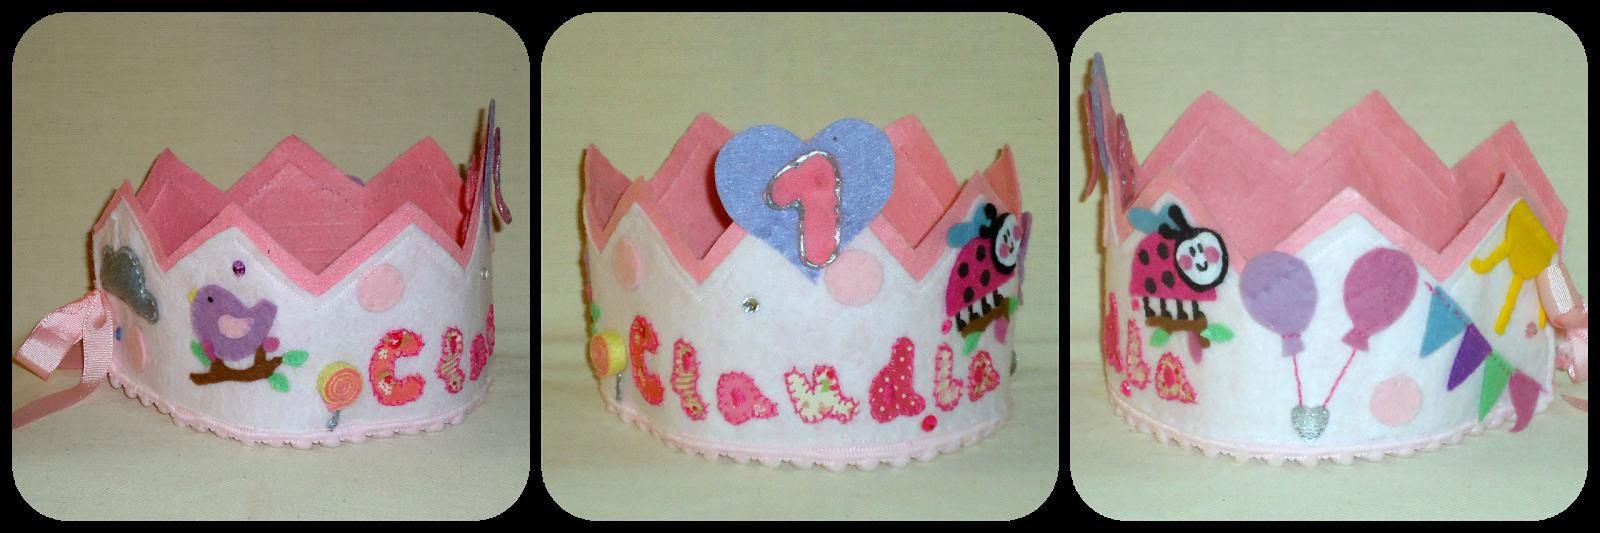 Corona cumpleaños mariquita - Ladybird felt birthday crown